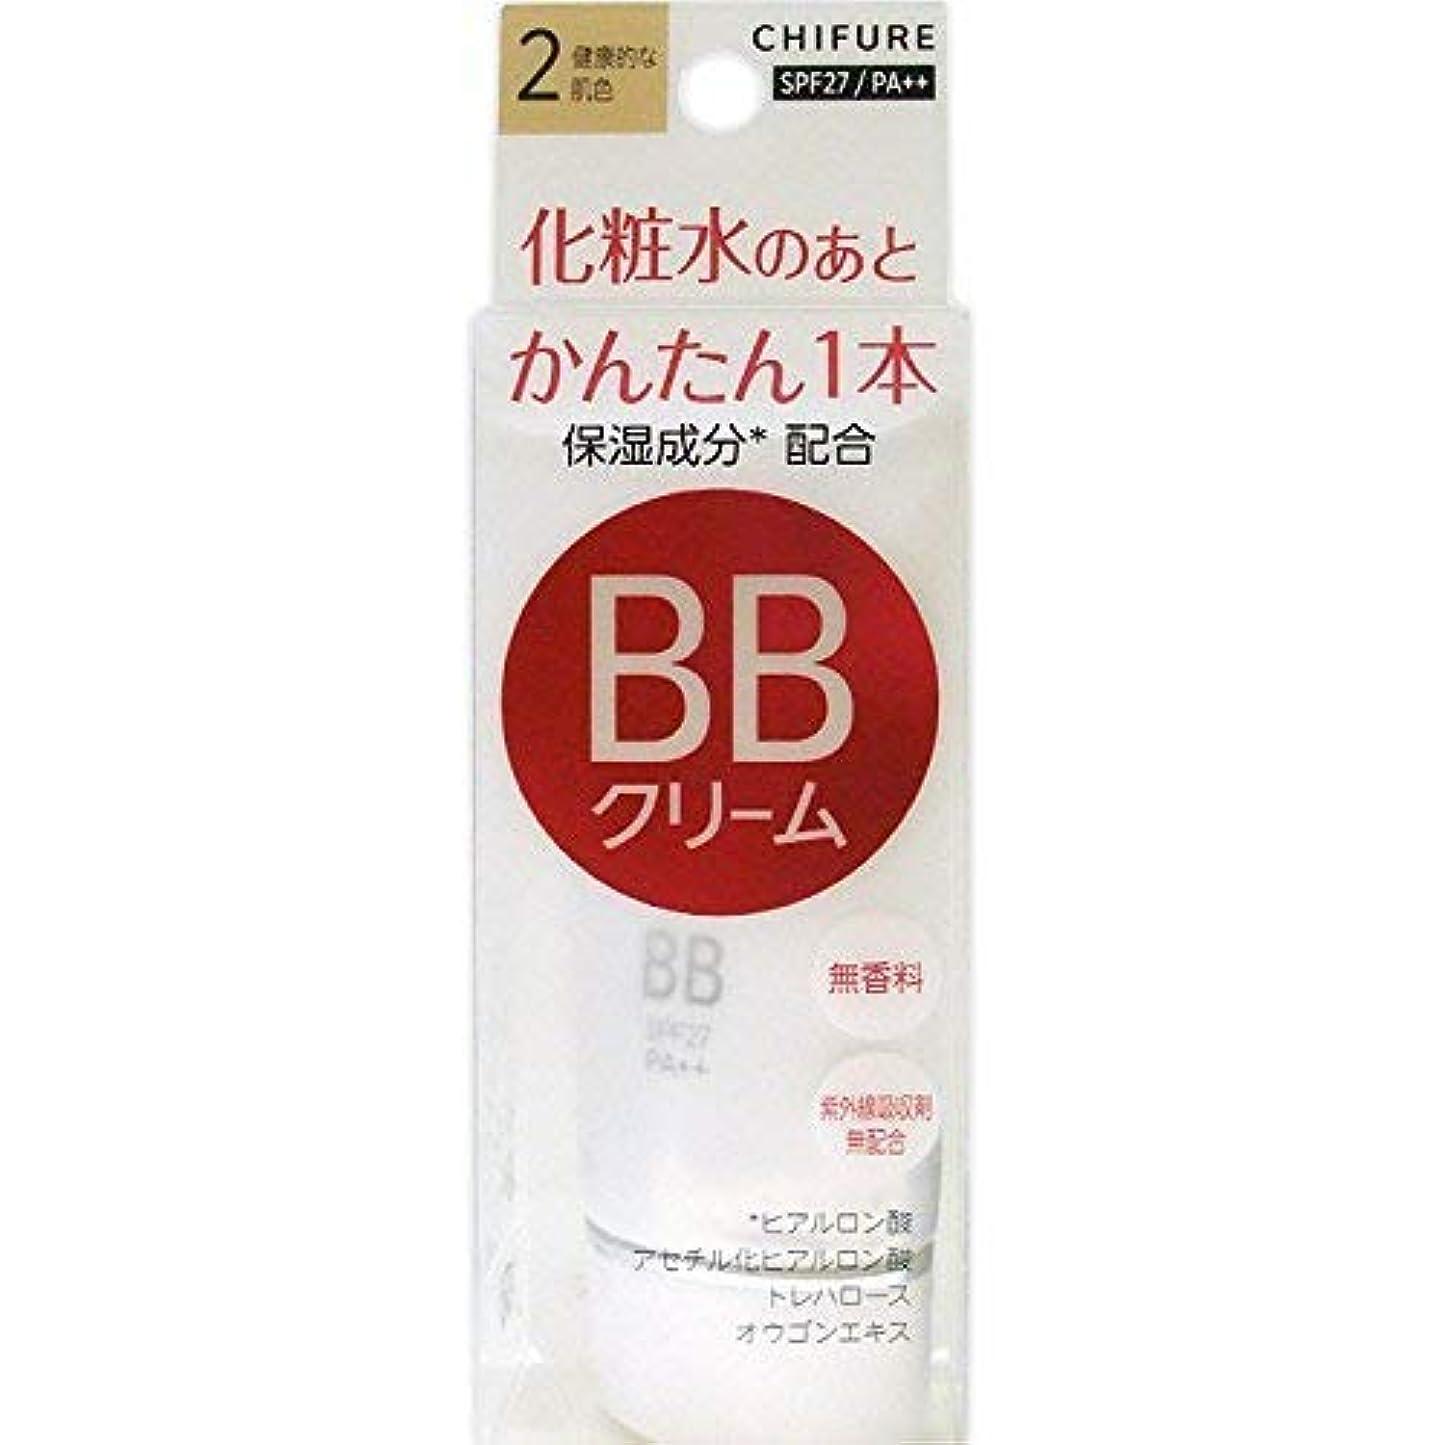 設置新着垂直ちふれ化粧品 BB クリーム 2 健康的な肌色 BBクリーム 2